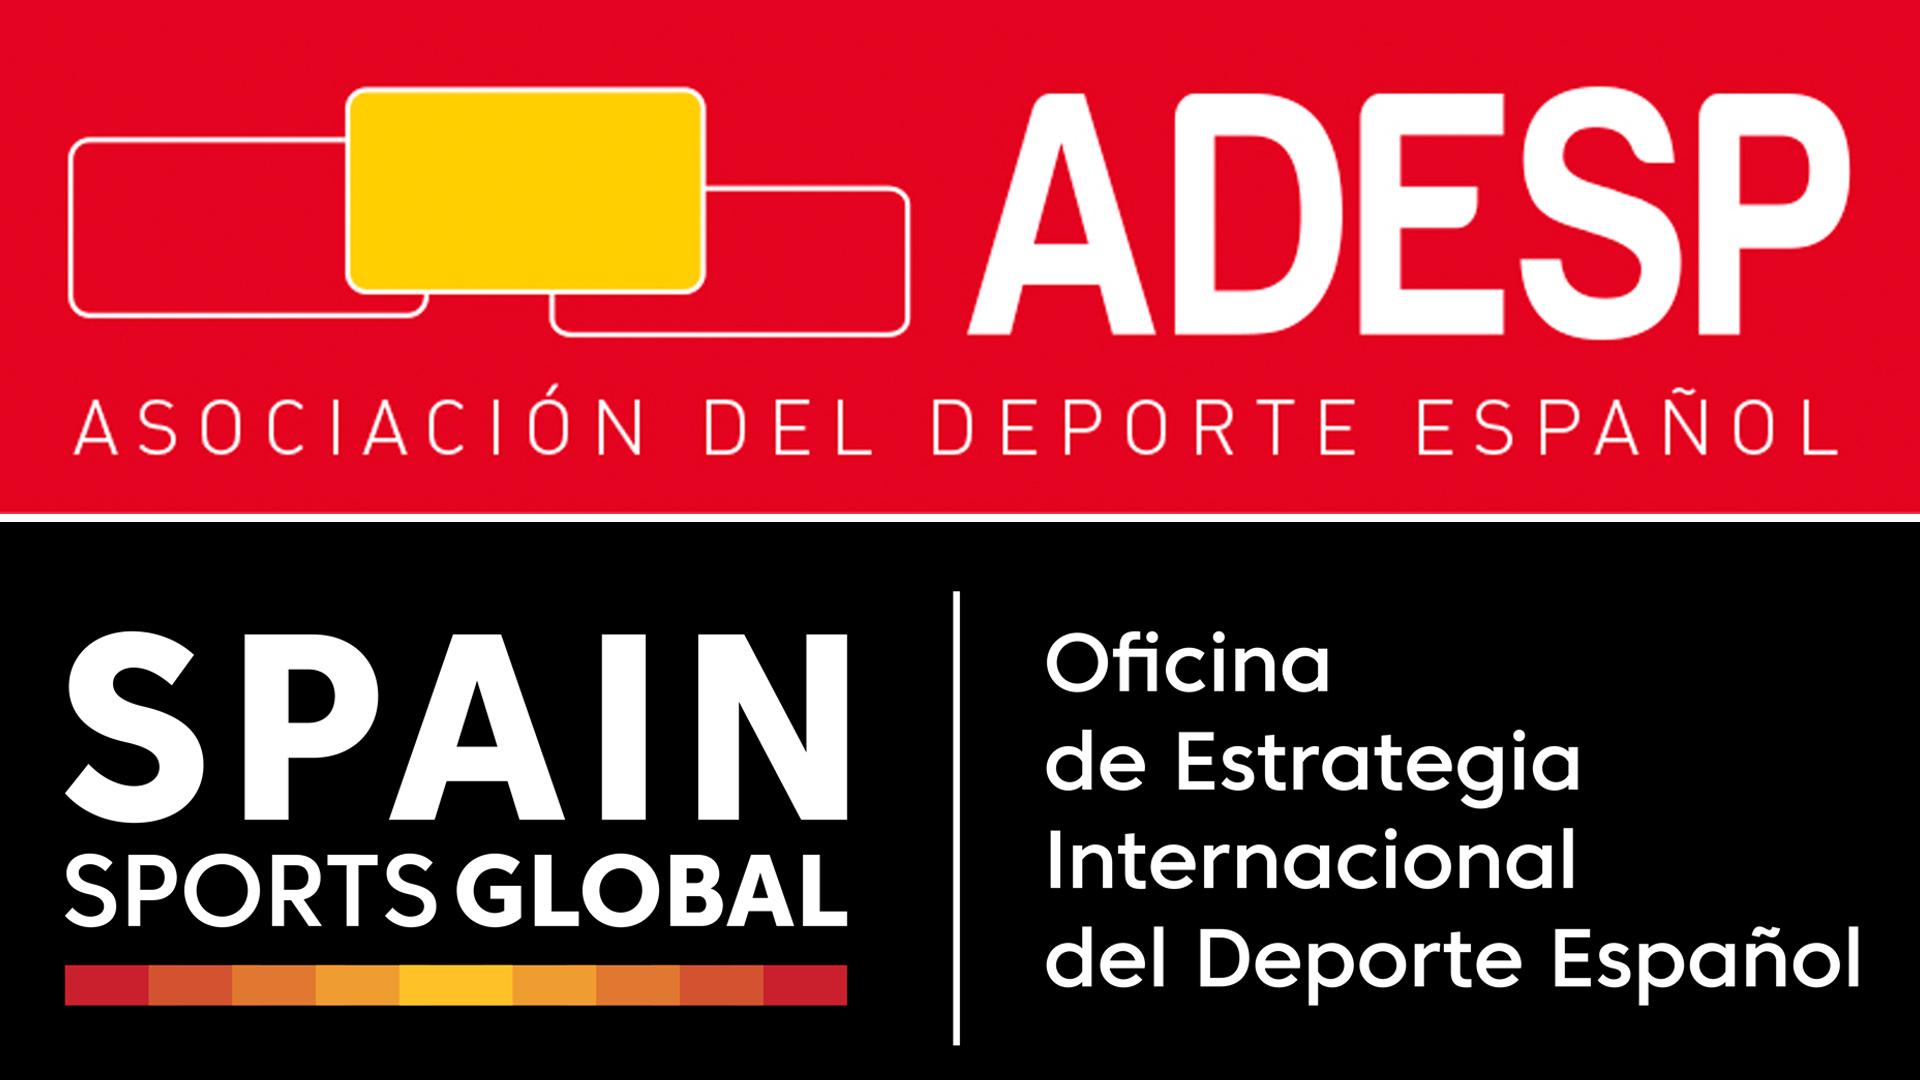 Spain Sports Global convoca ayudas para promocionar a dirigentes españoles en puestos de decisión de las Instituciones deportivas Internacionales